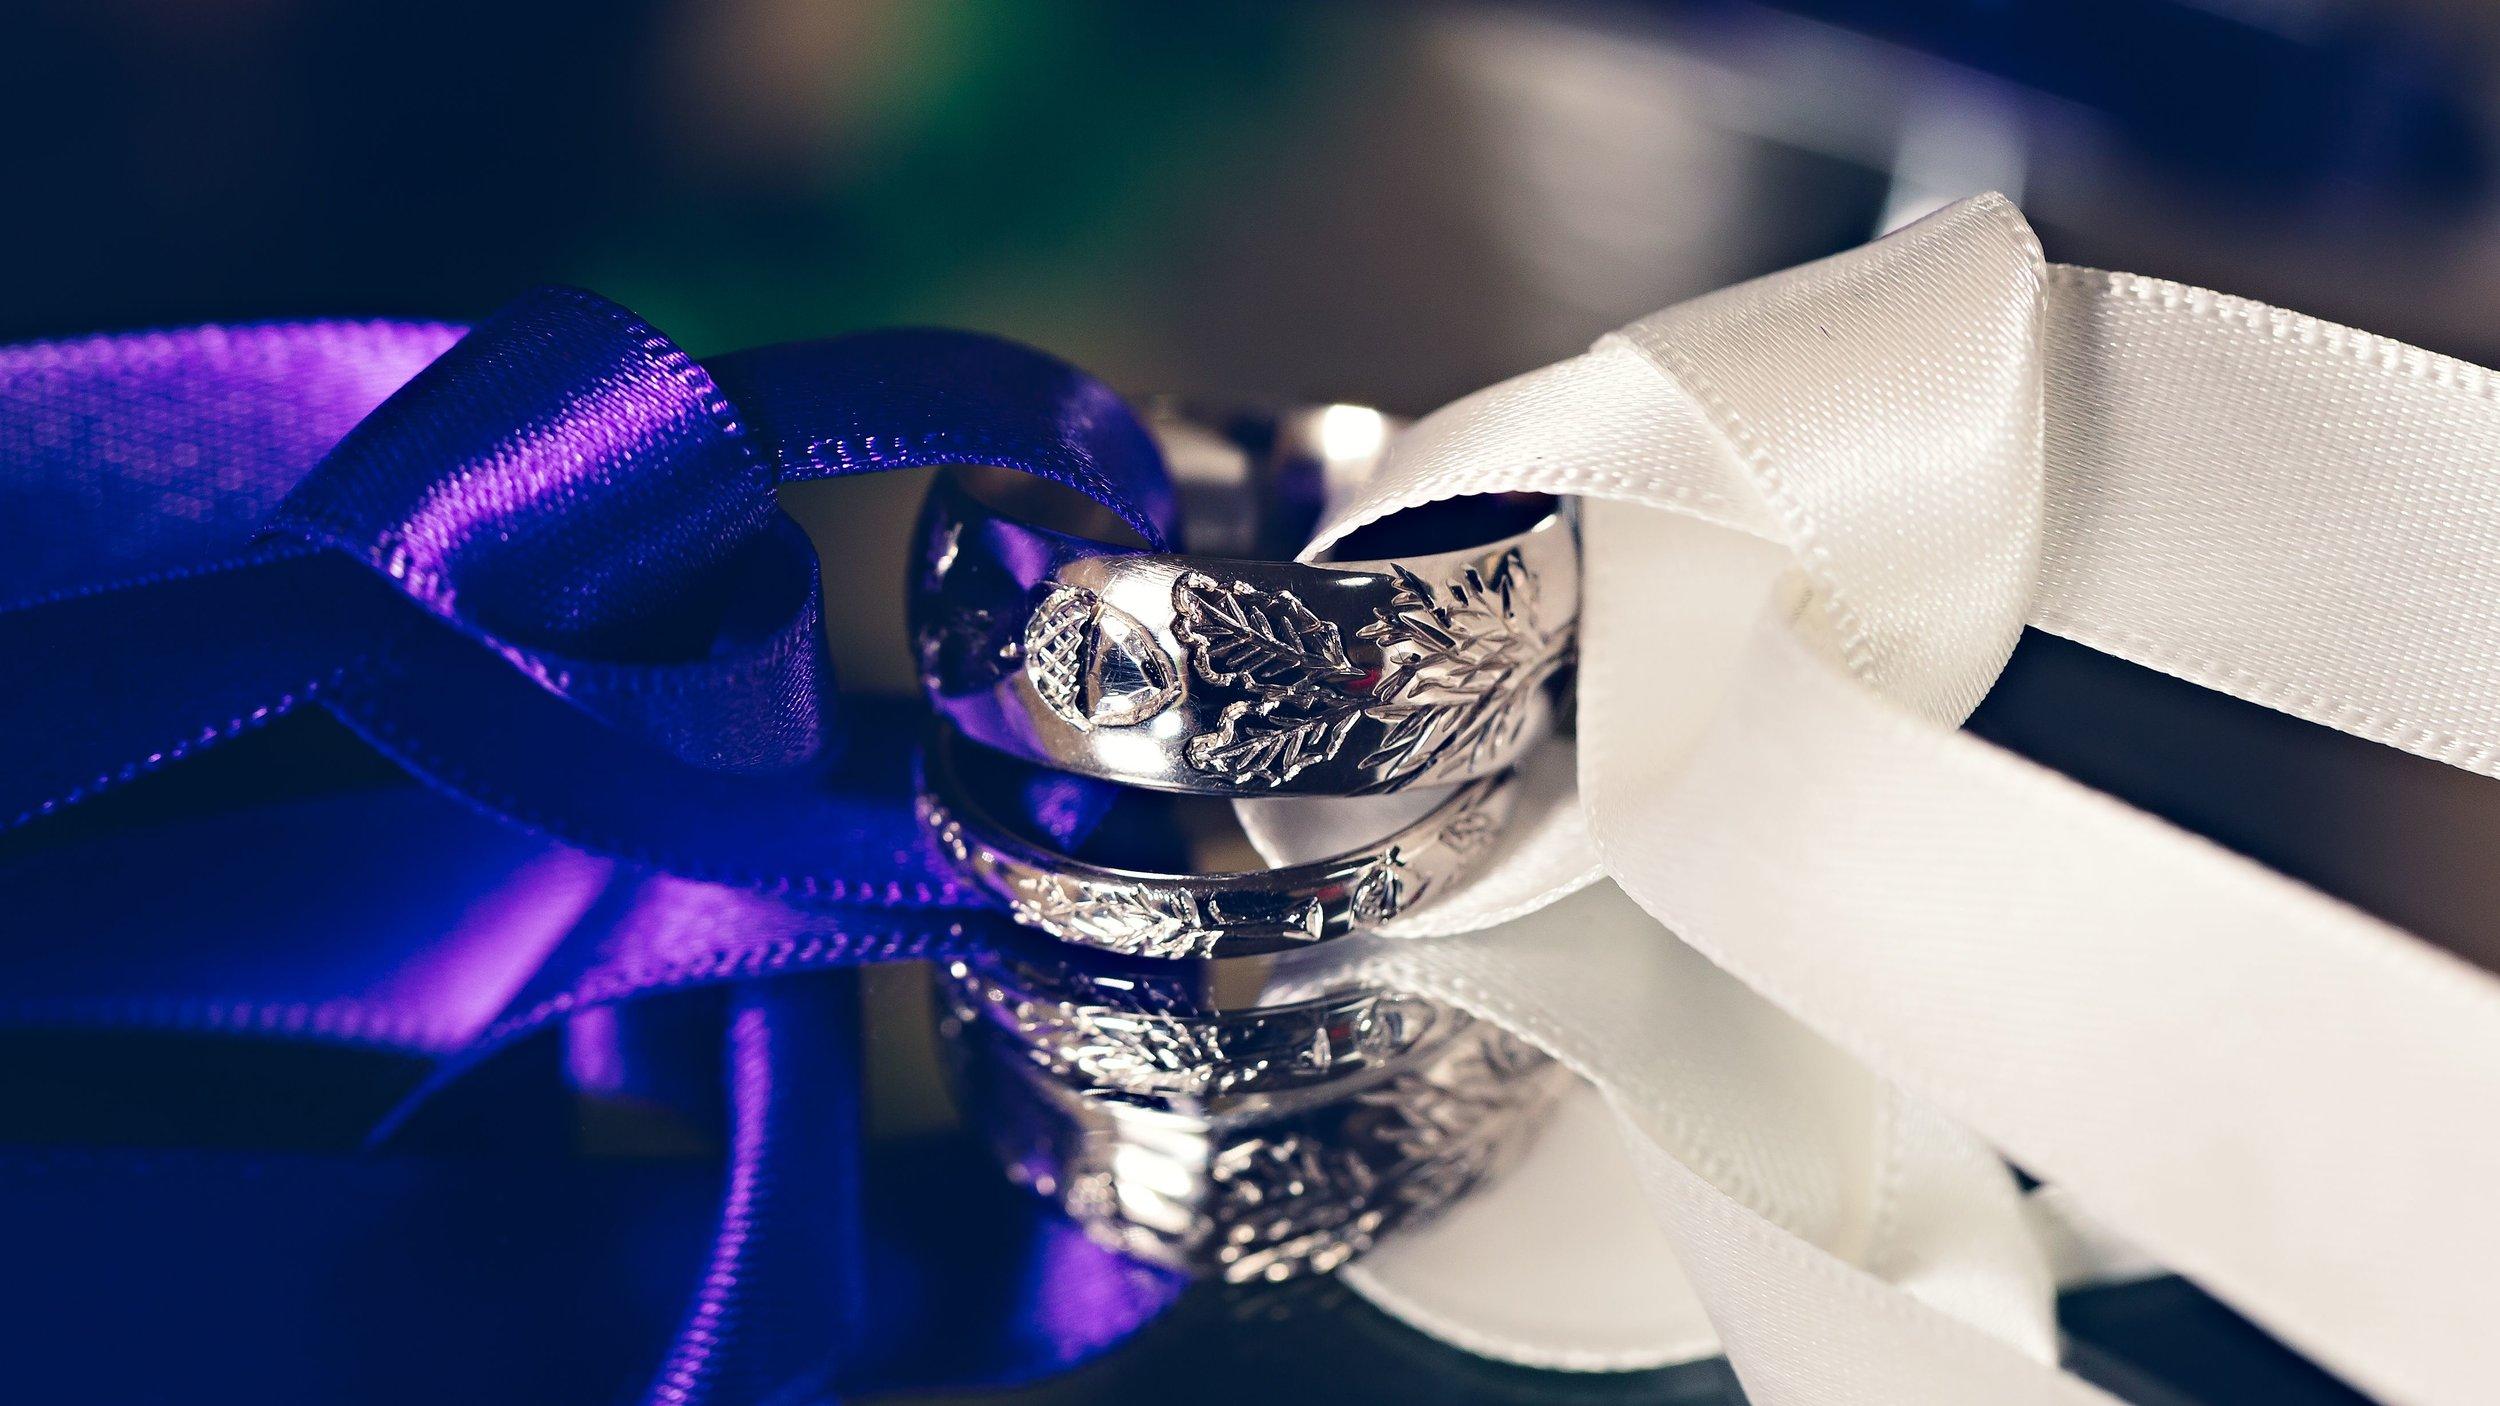 Oak themed rings